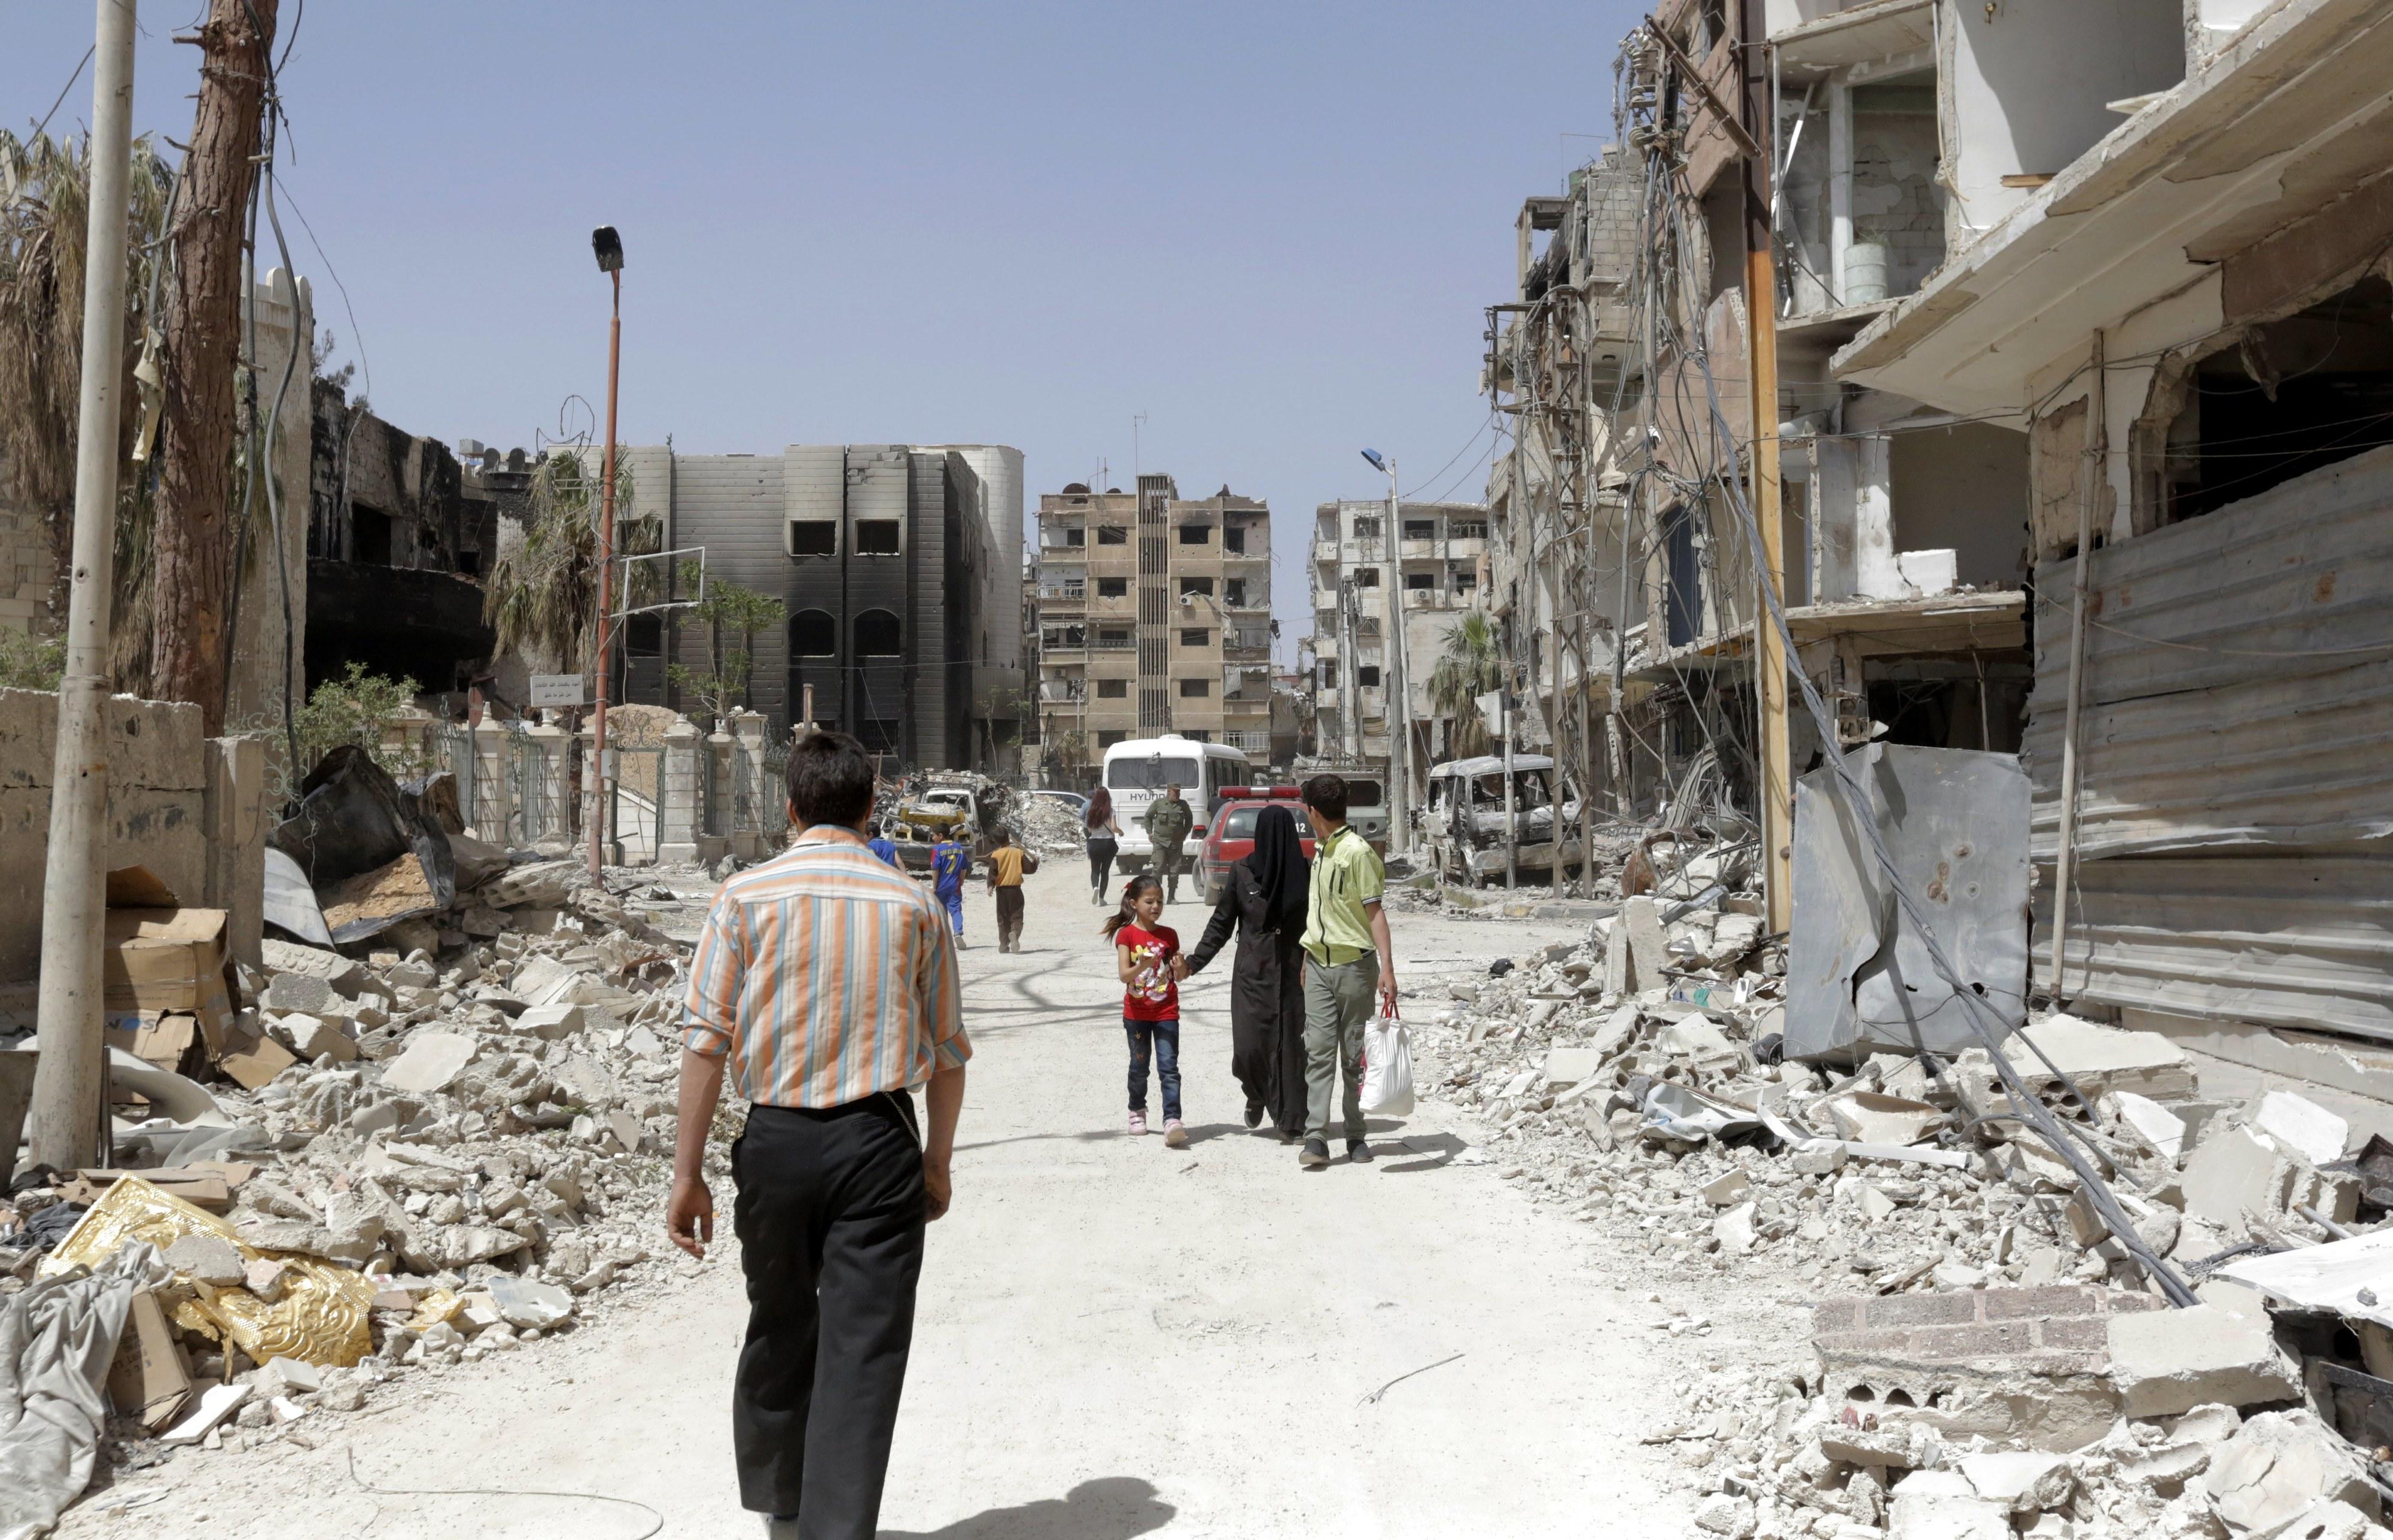 OPAQ visitou um segundo local de alegado ataque químico em Douma, na Síria